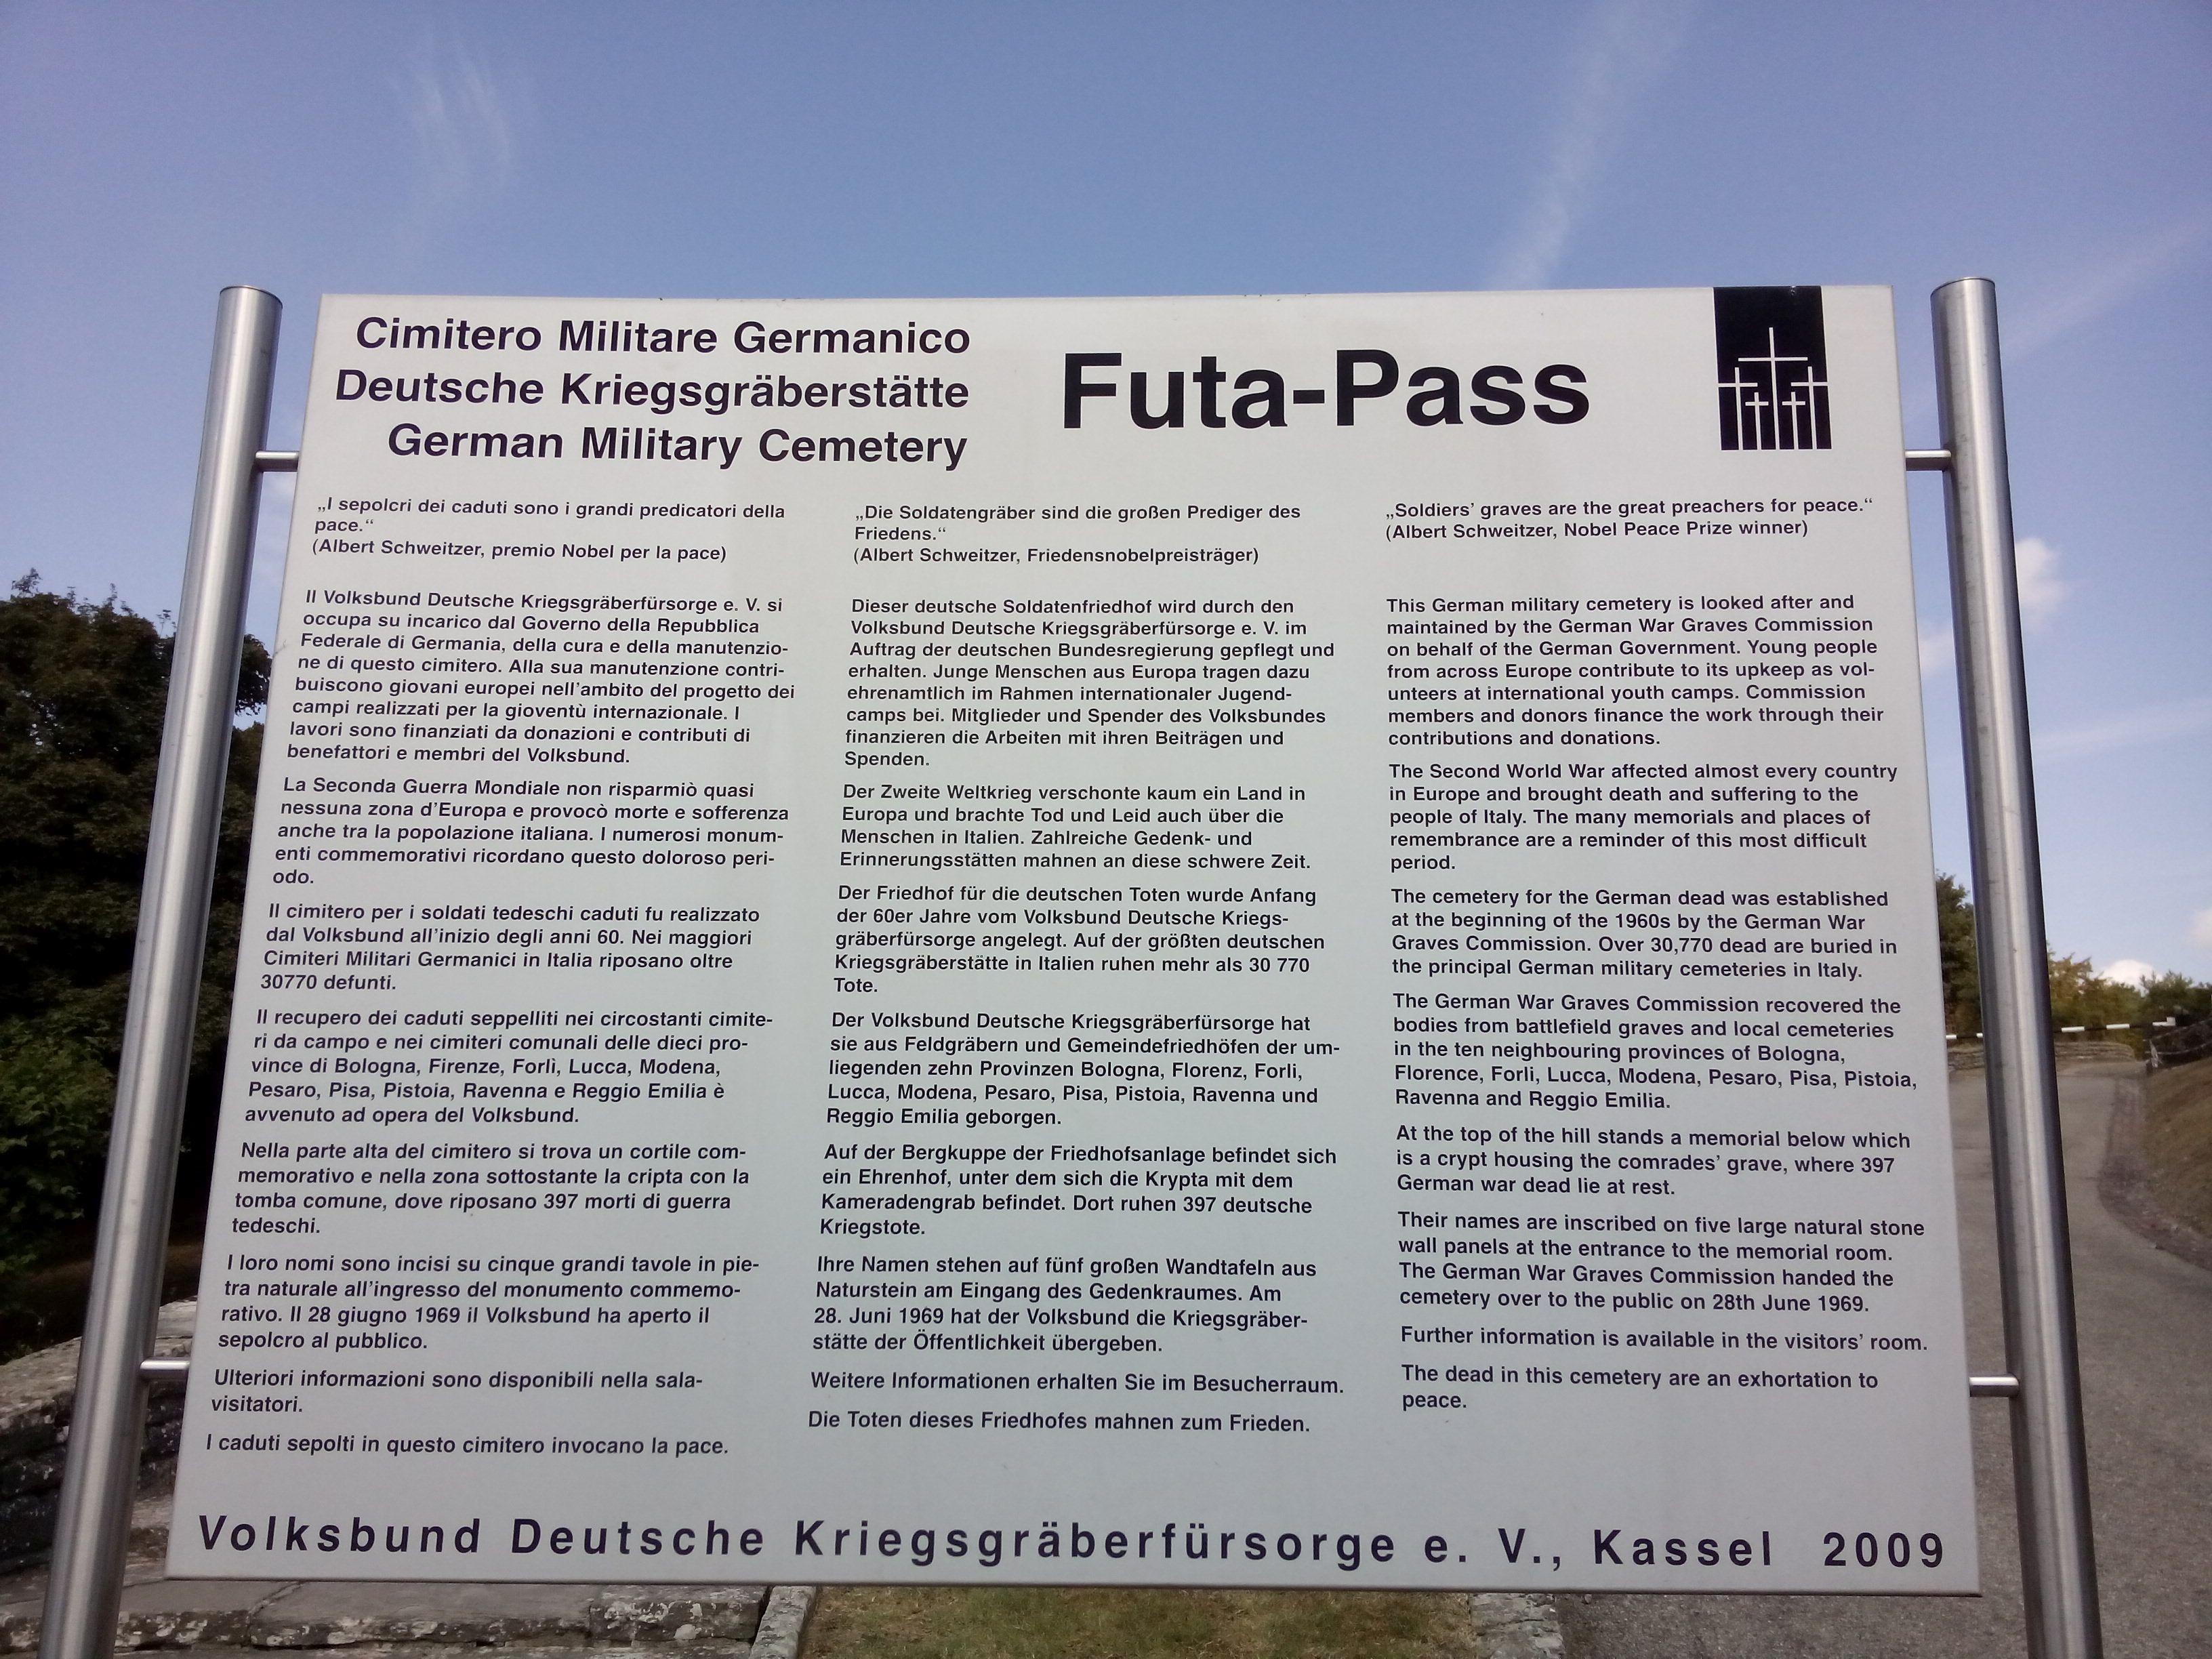 Schautafel zum Soldatenfriedhof auf dem Futa-Pass in der Toskane